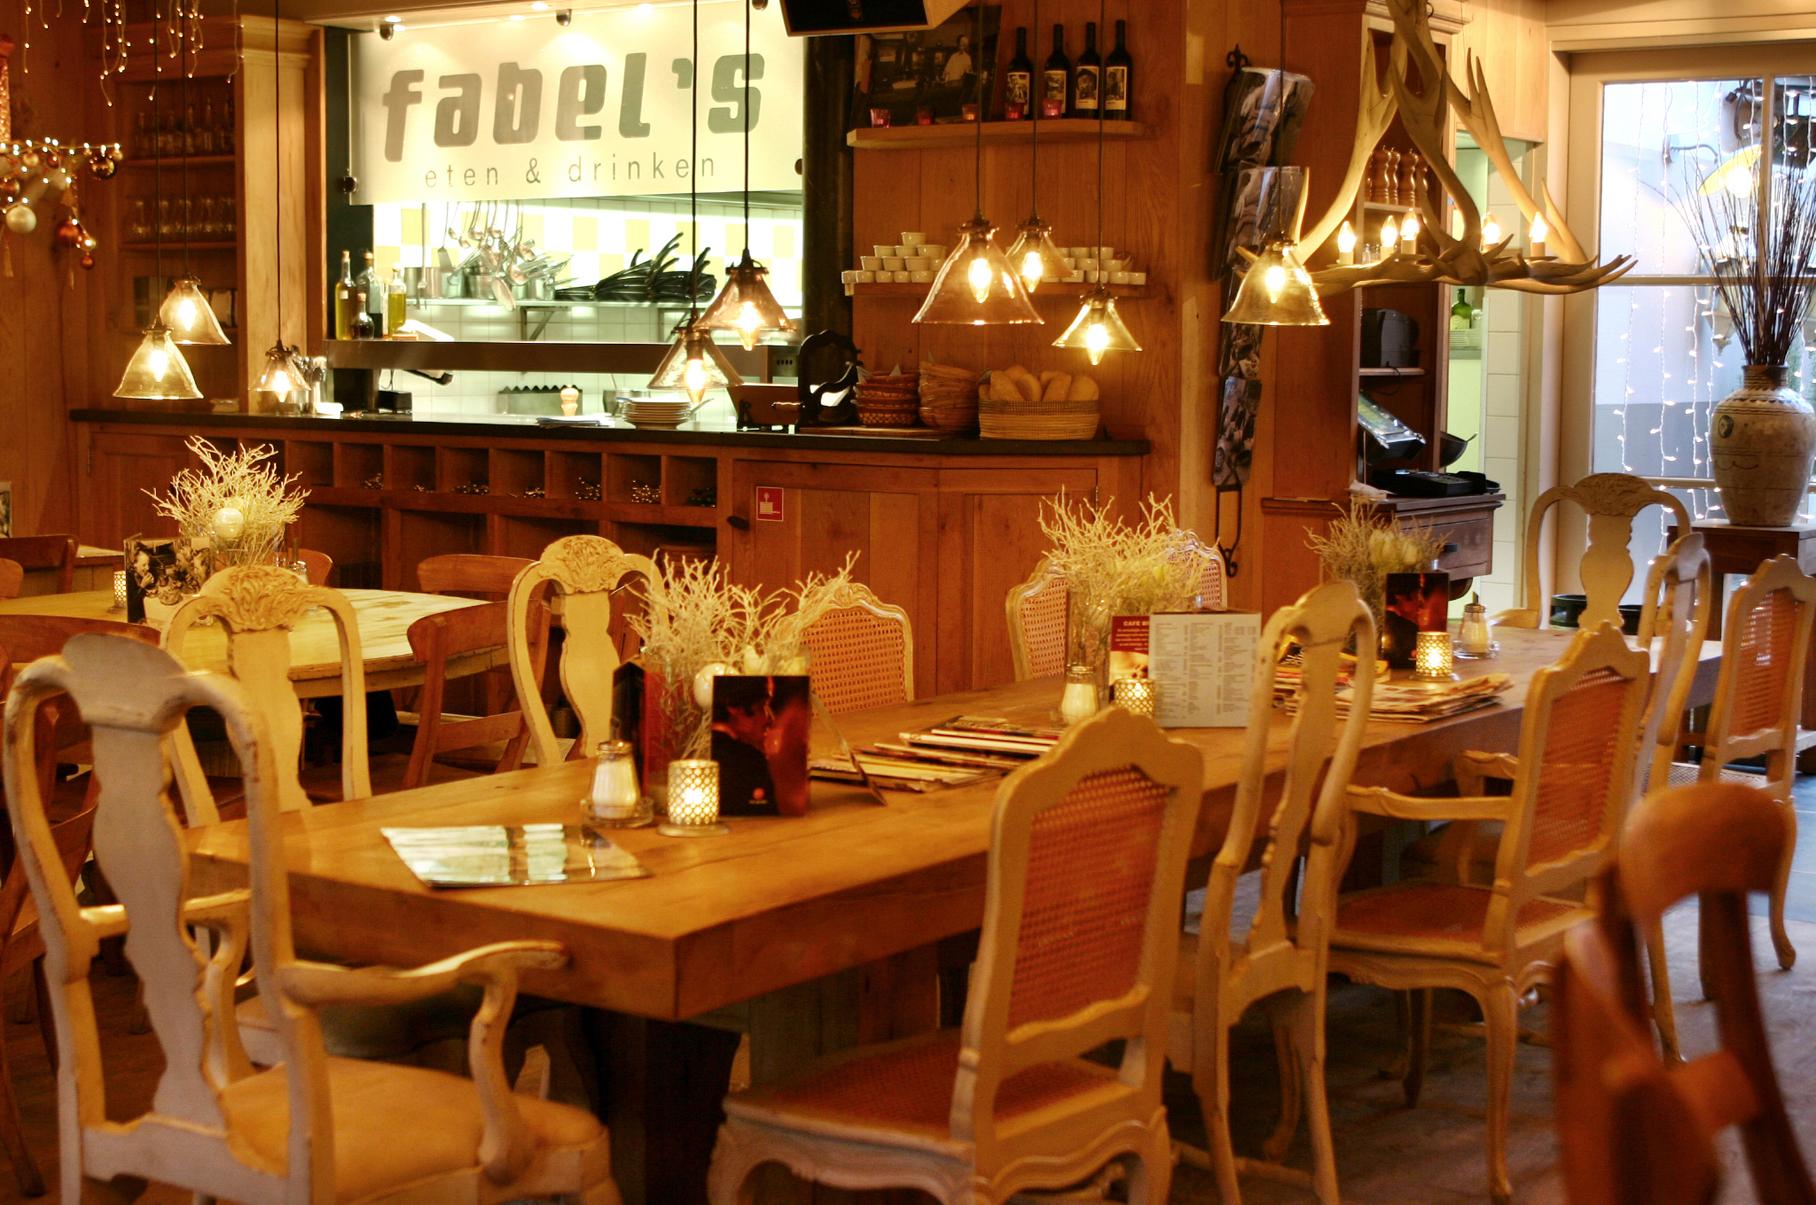 Bestellen bij Fabel's eten & drinken header